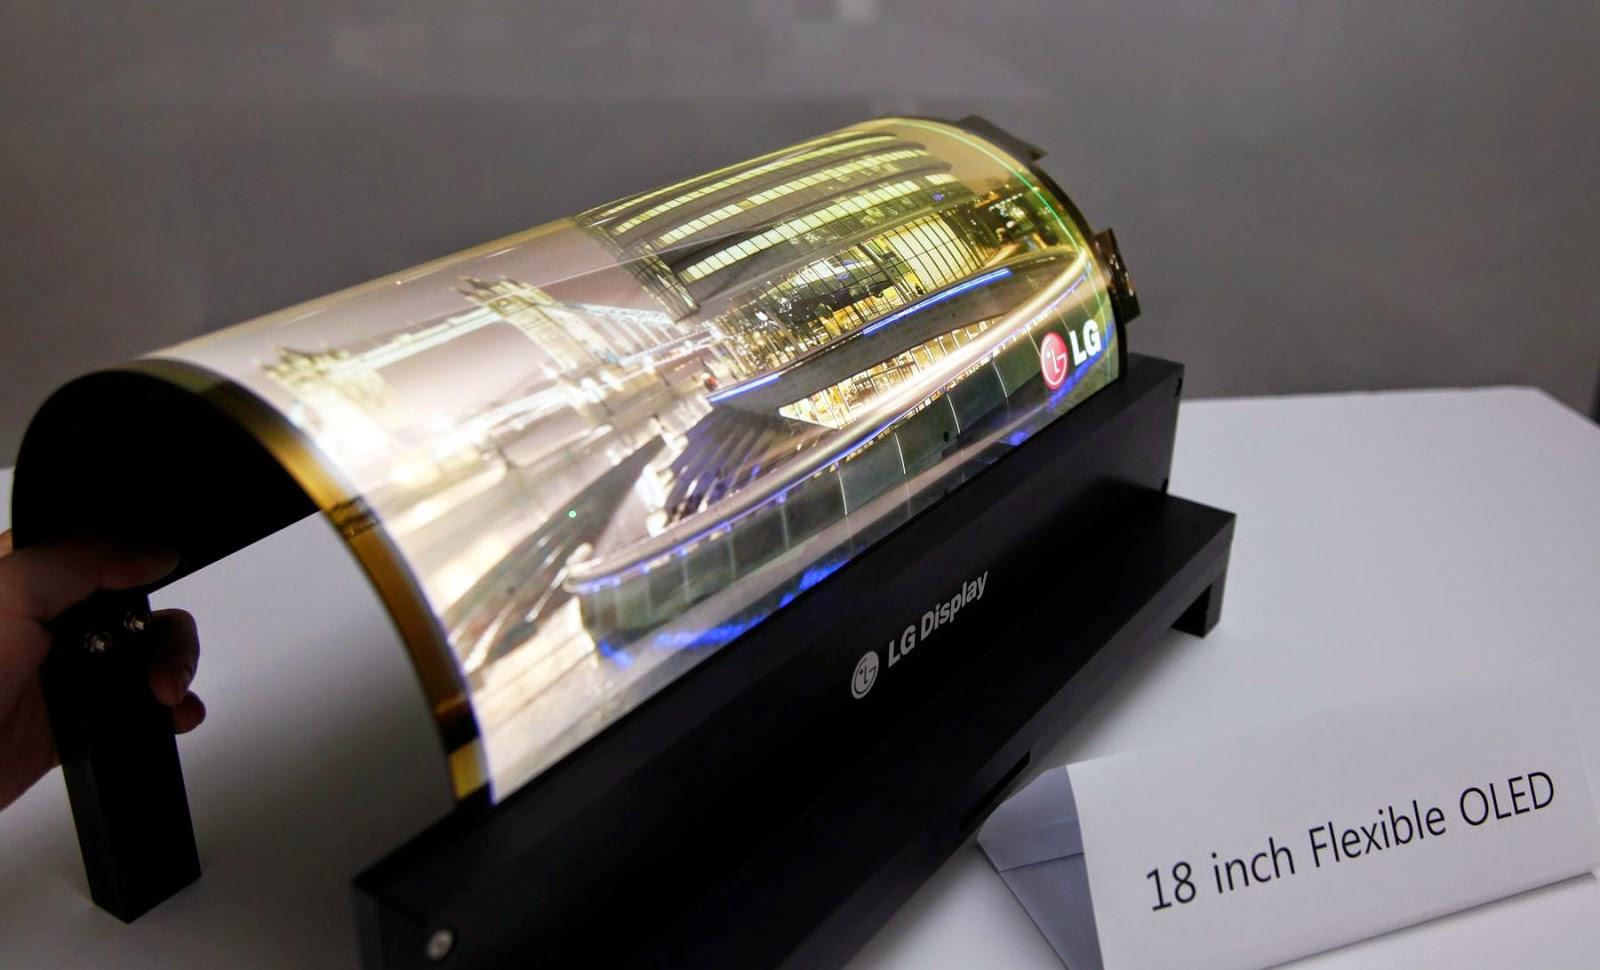 Foldable OLED